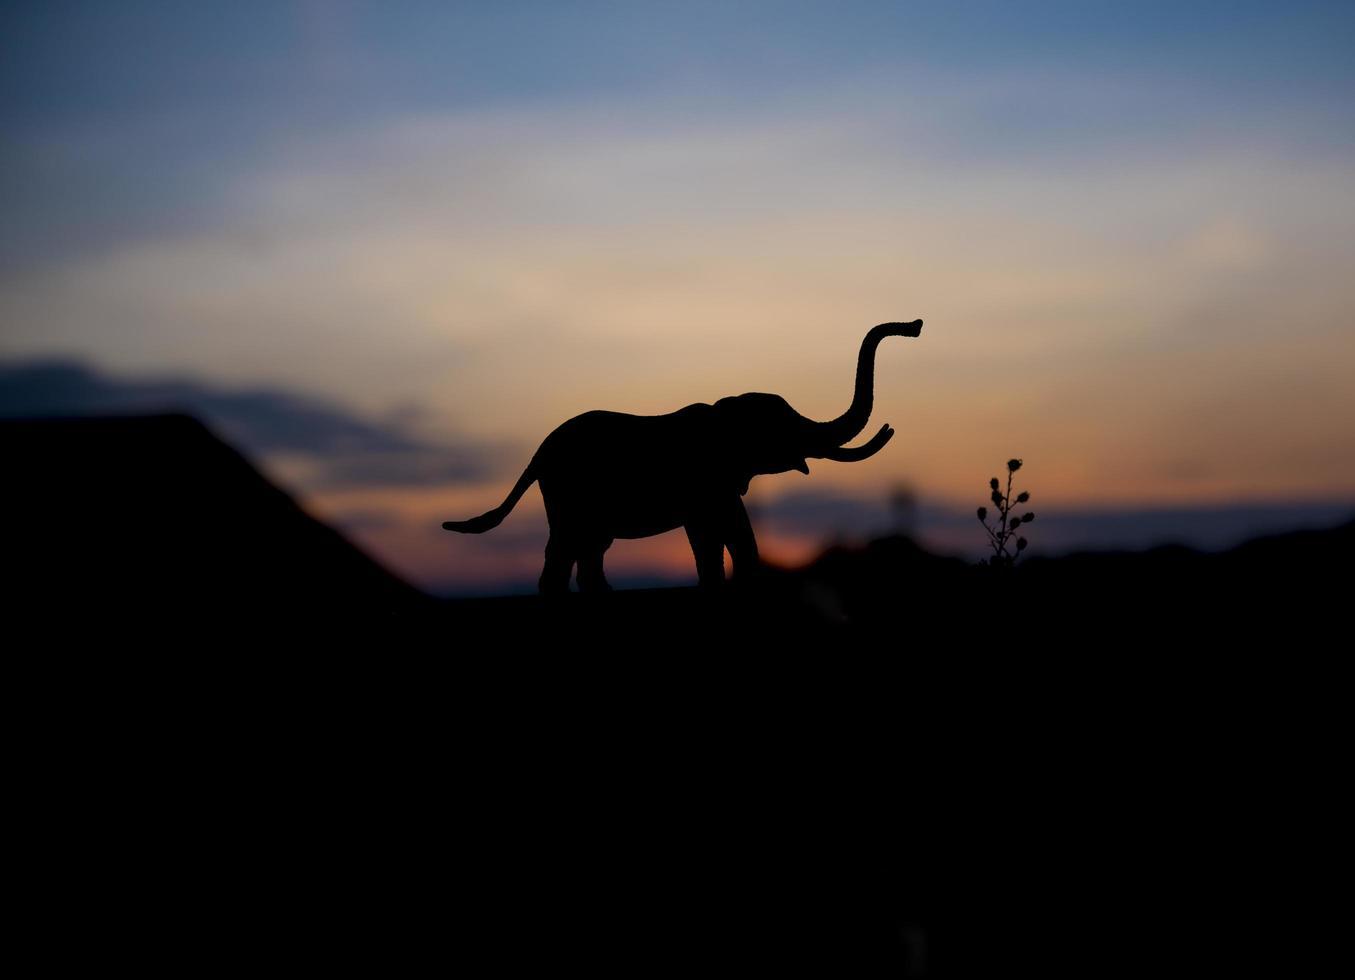 silueta, de, elefante, animal, en, ocaso, plano de fondo foto